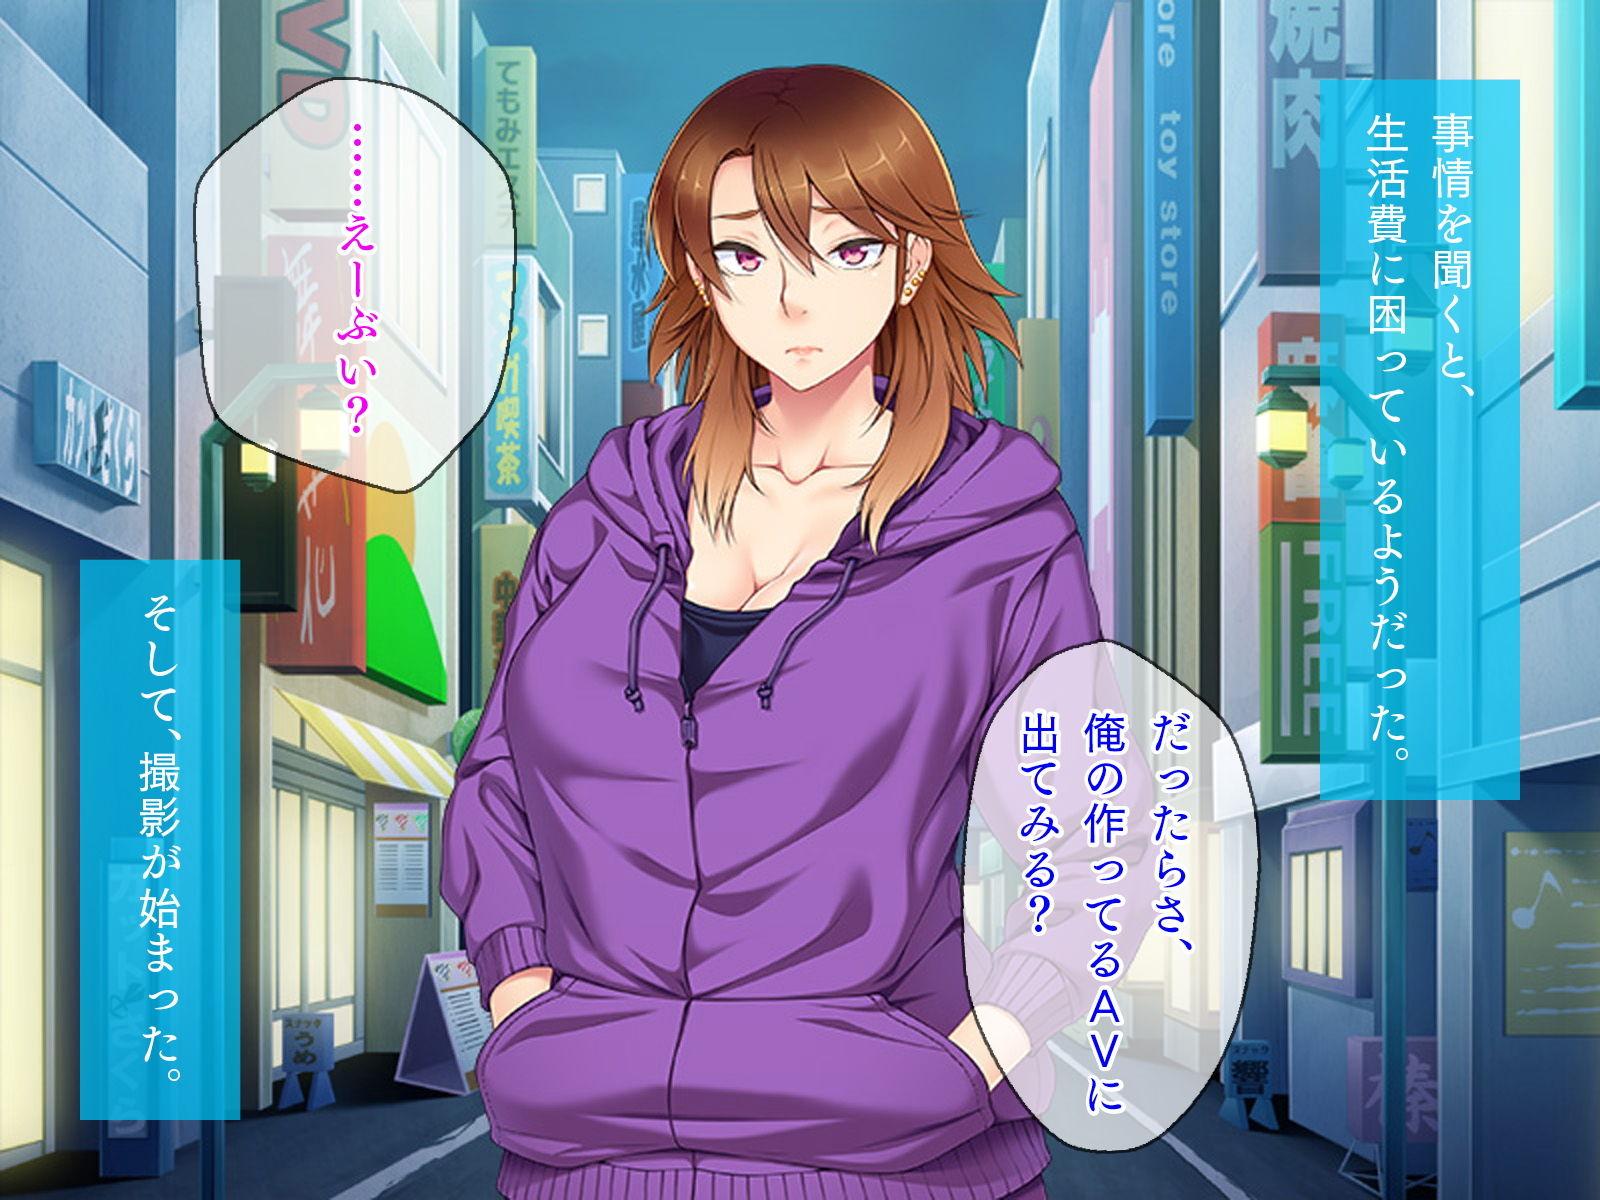 【響 同人】同窓生はヤンママ、素人AV撮影中!